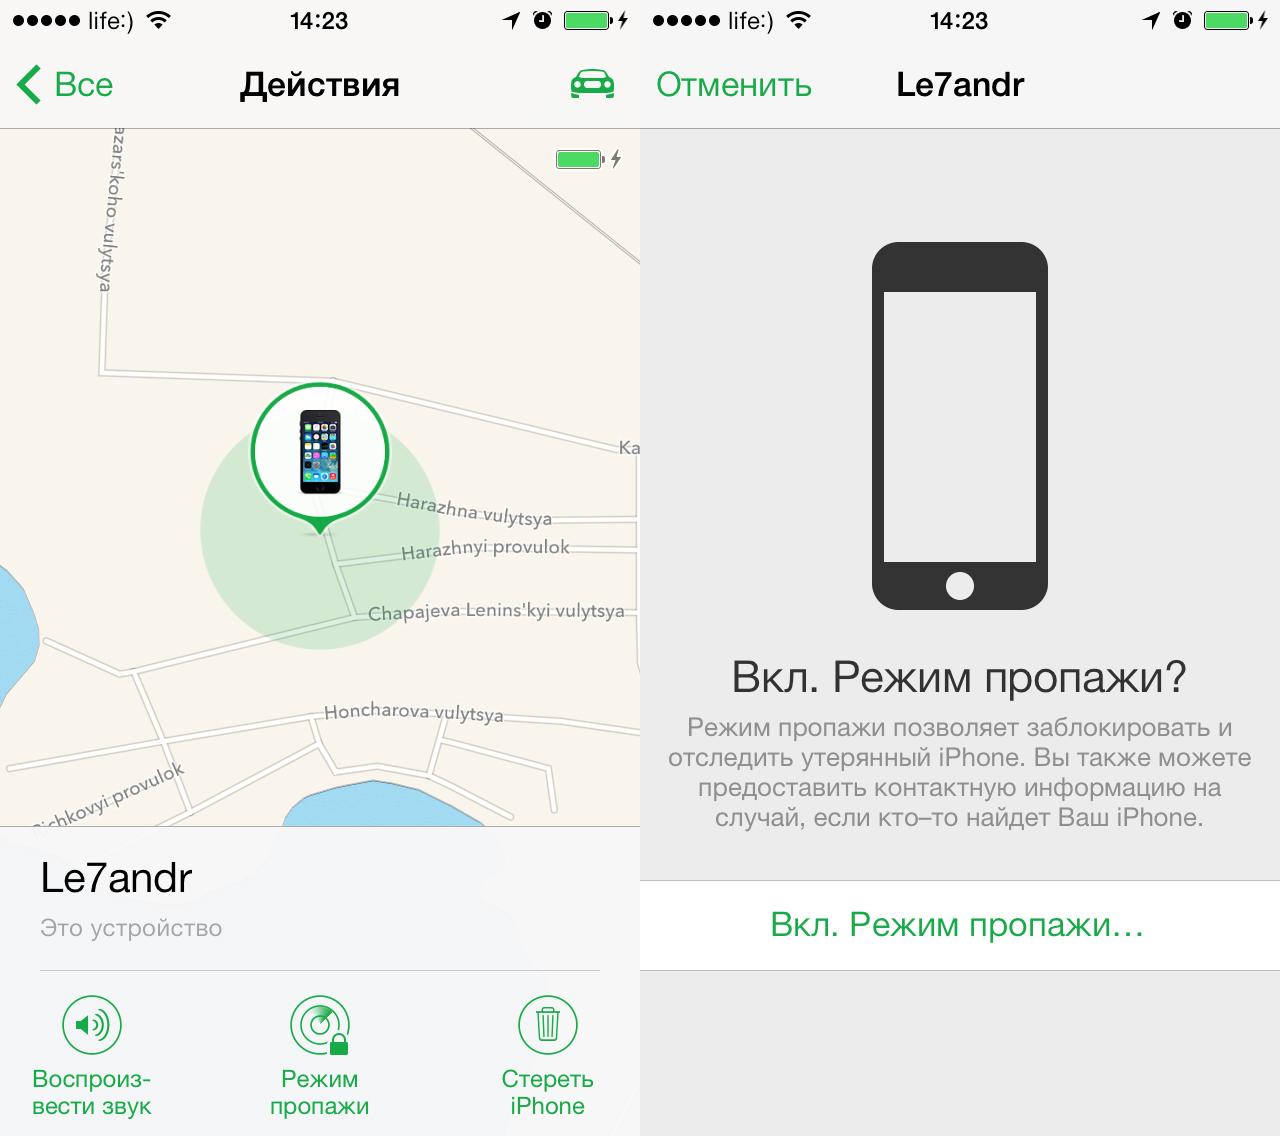 Включение режима пропажи в Найти iPhone